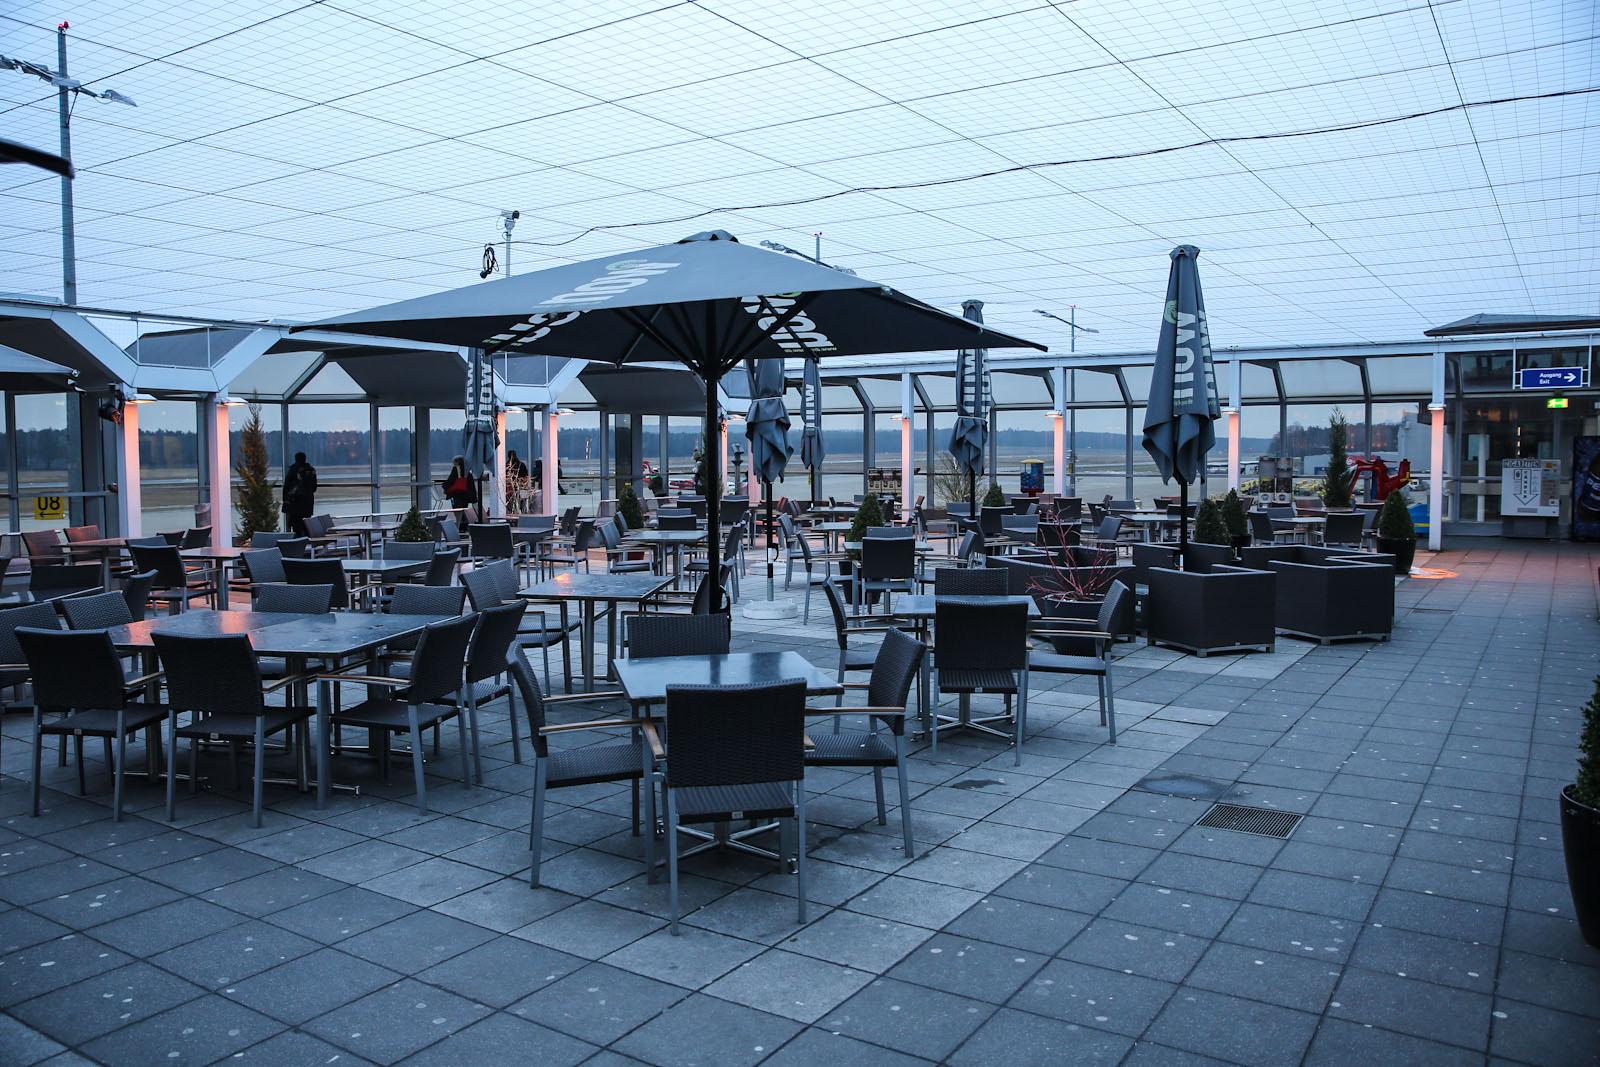 Кафе с видом на летное поле в аэропорту Нюрнберг